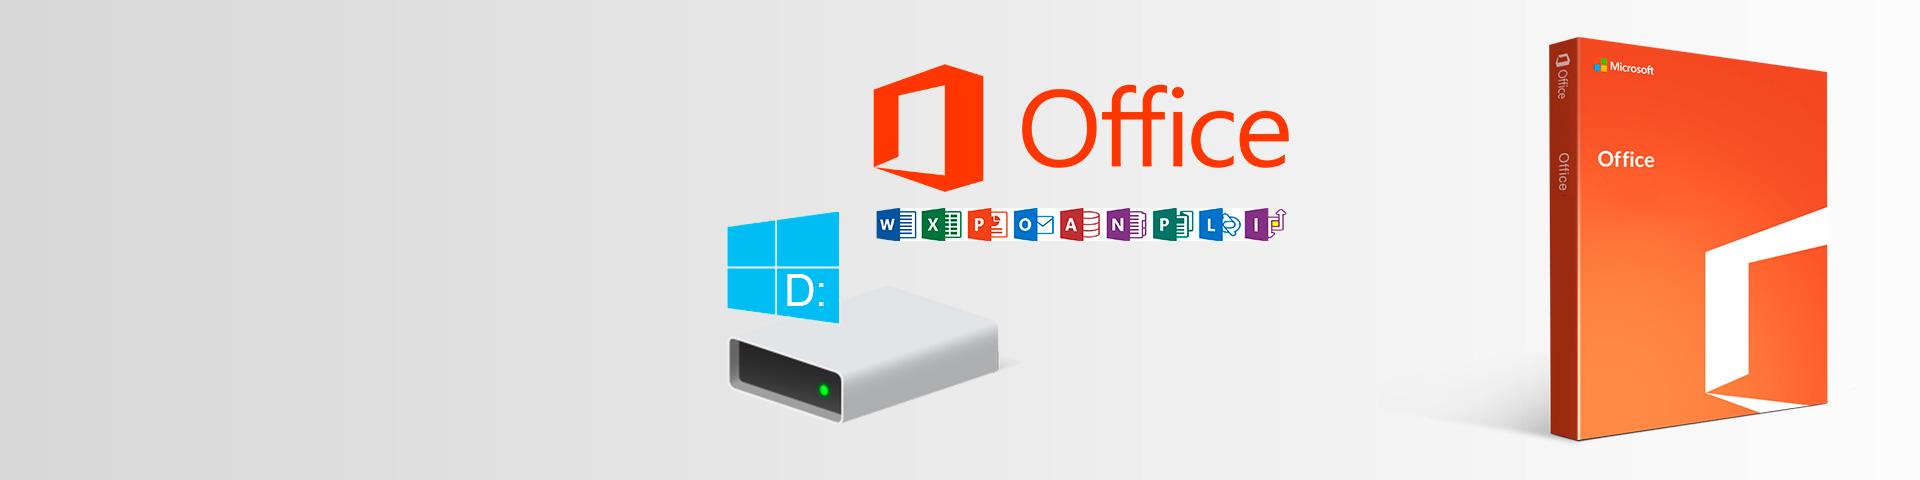 office-no-D